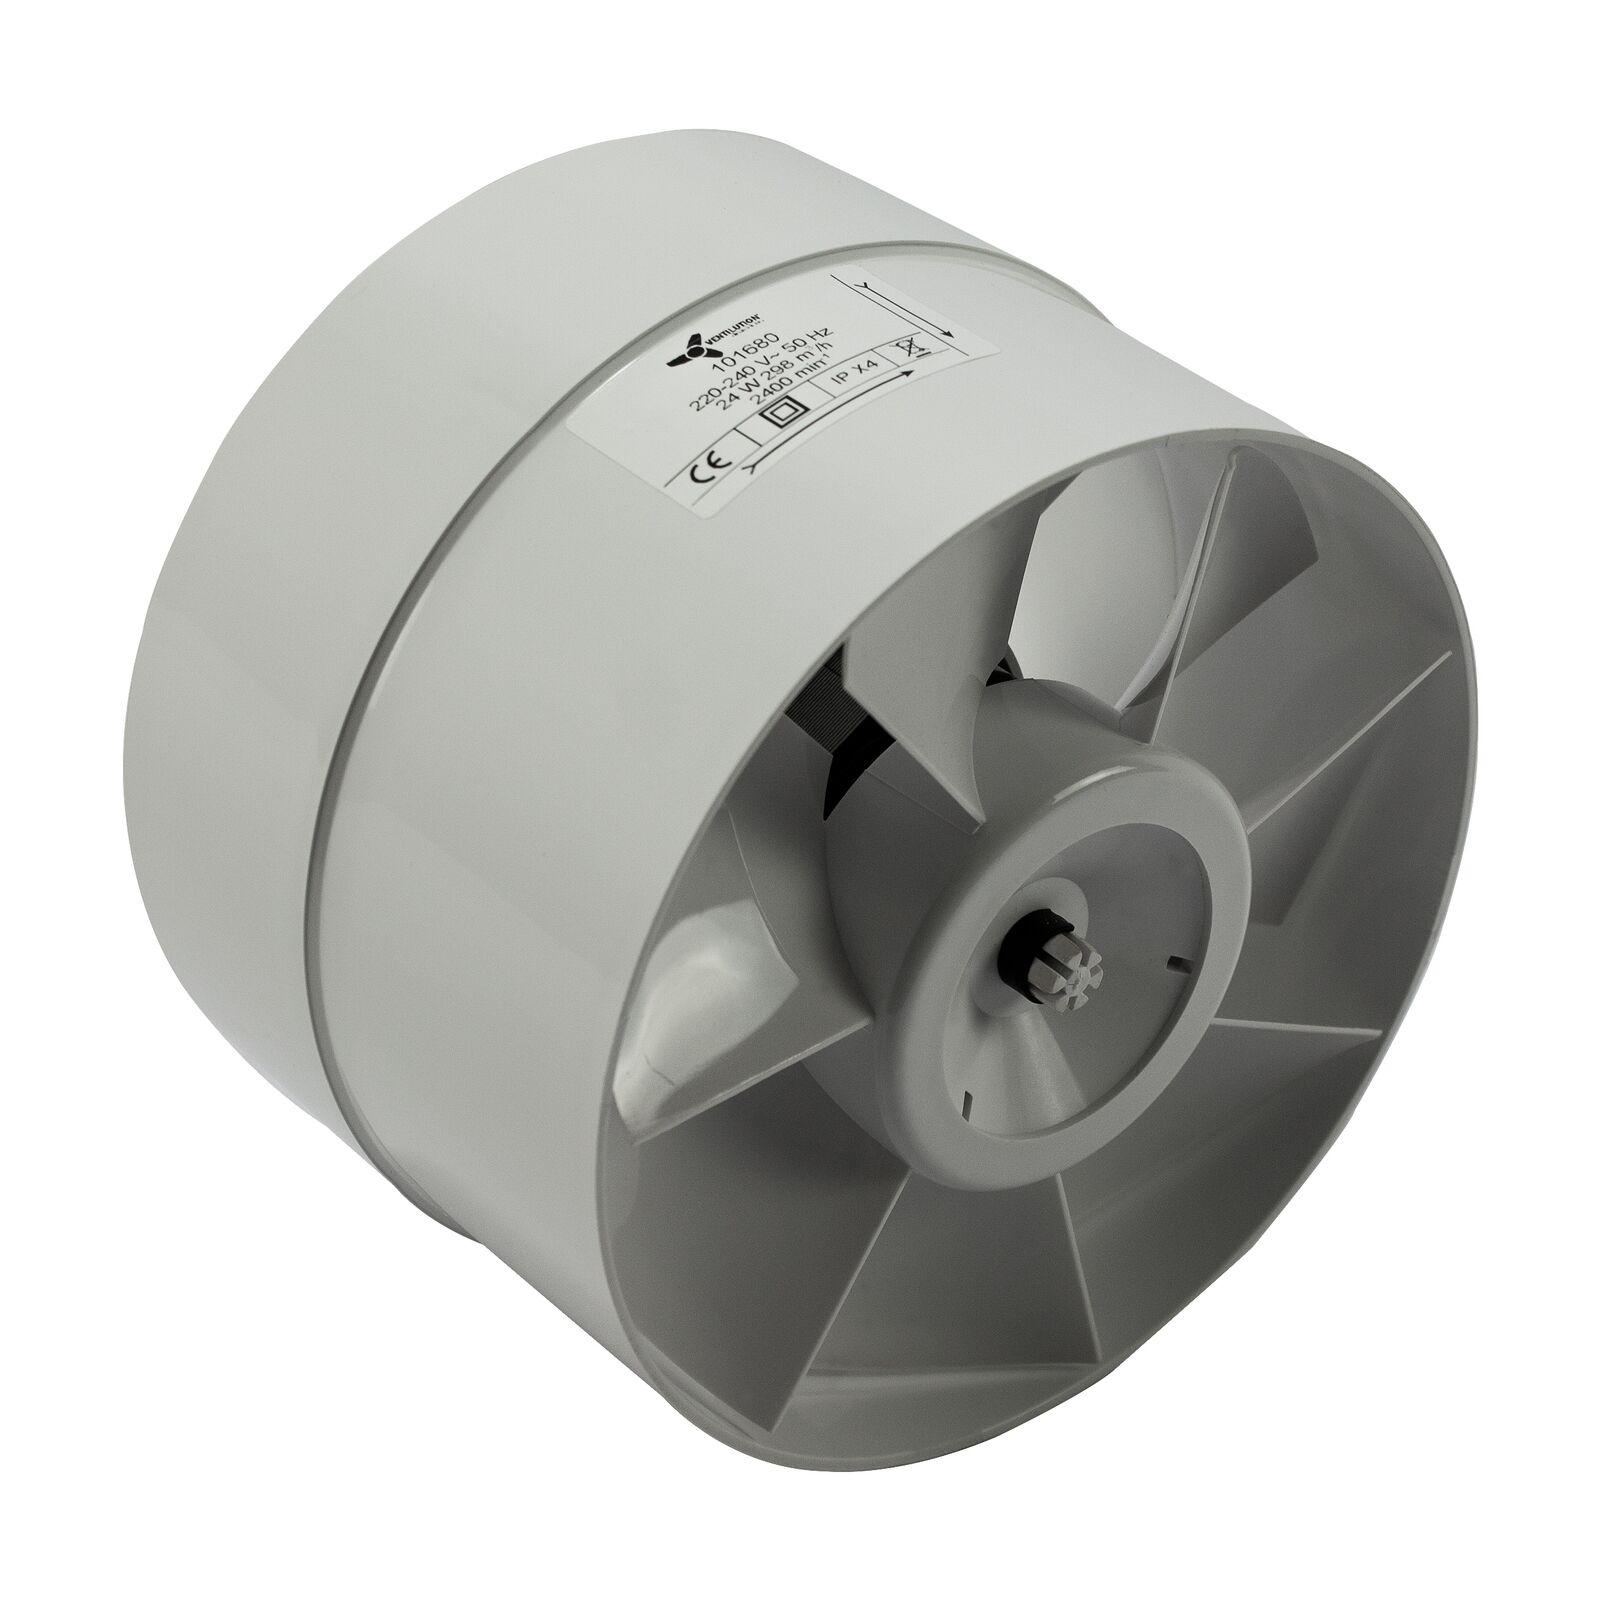 servizio premuroso In-line assiale TUBO VENTOLA 150 mm 298 m³ m³ m³ CLIMA VENTOLE  prezzi equi